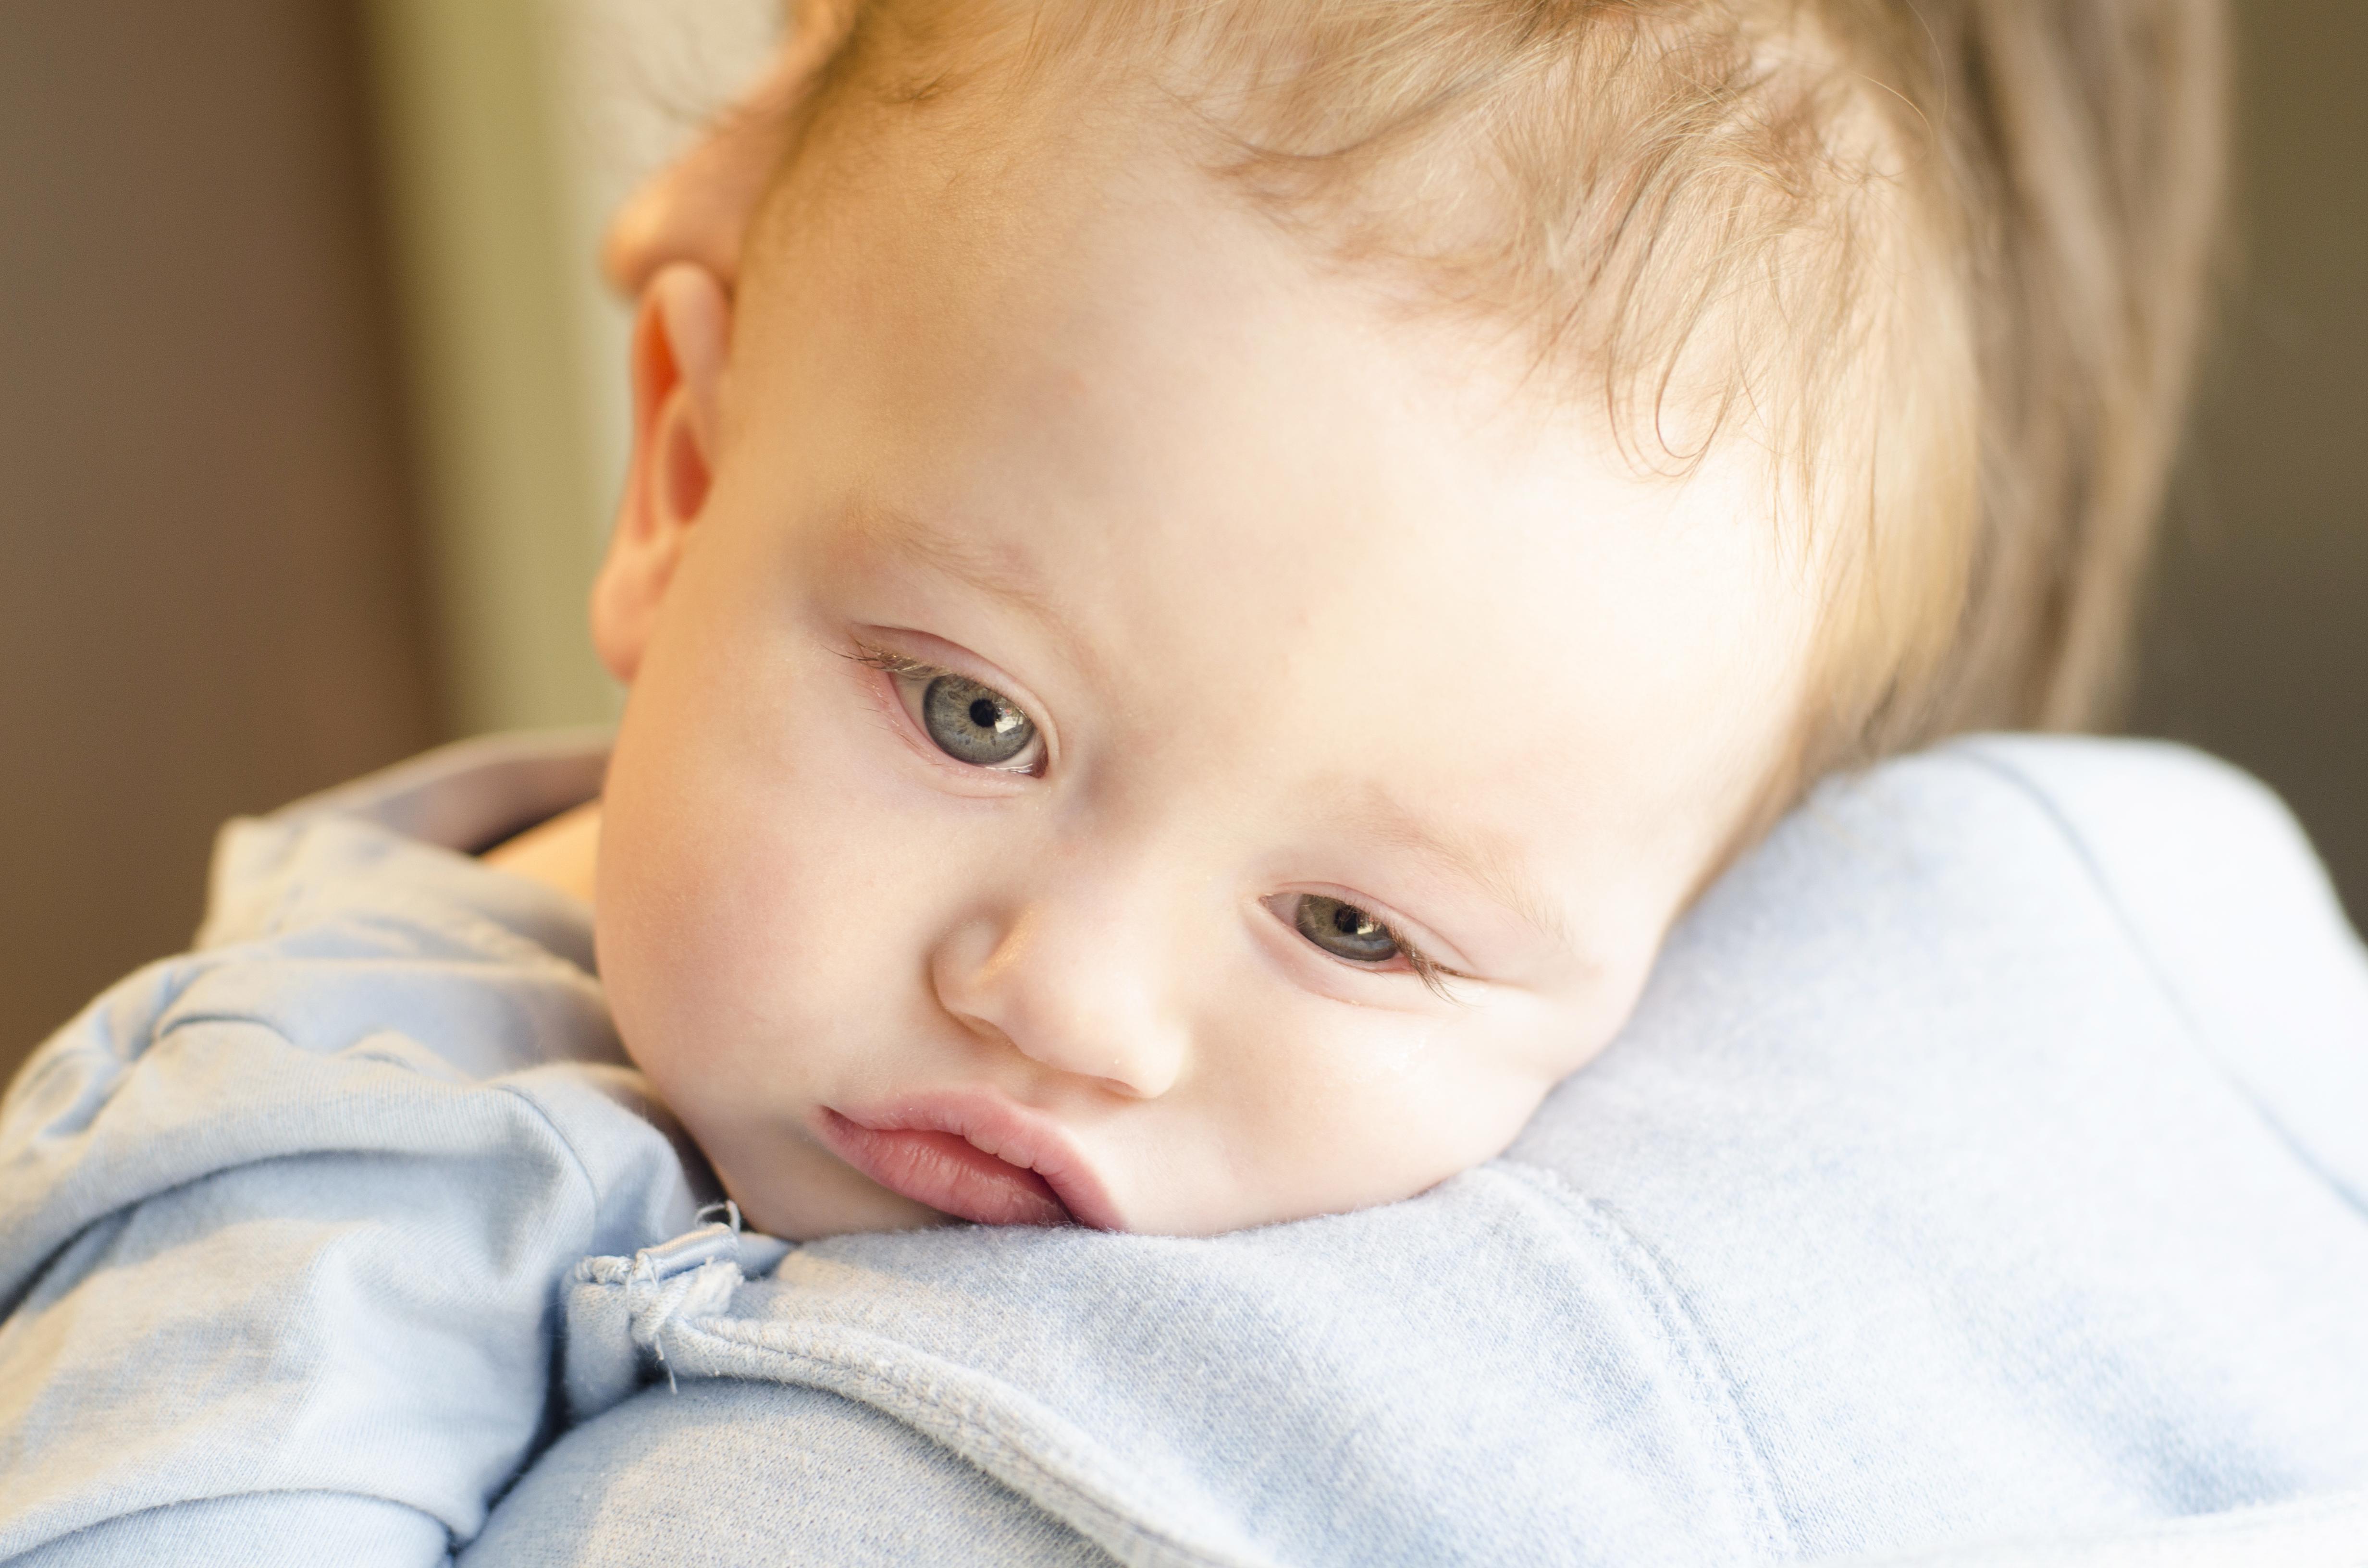 På sjukhusen runt om i landet uppmanar man småbarnsföräldrar att i möjligaste mån hålla sina bebisar hemma.